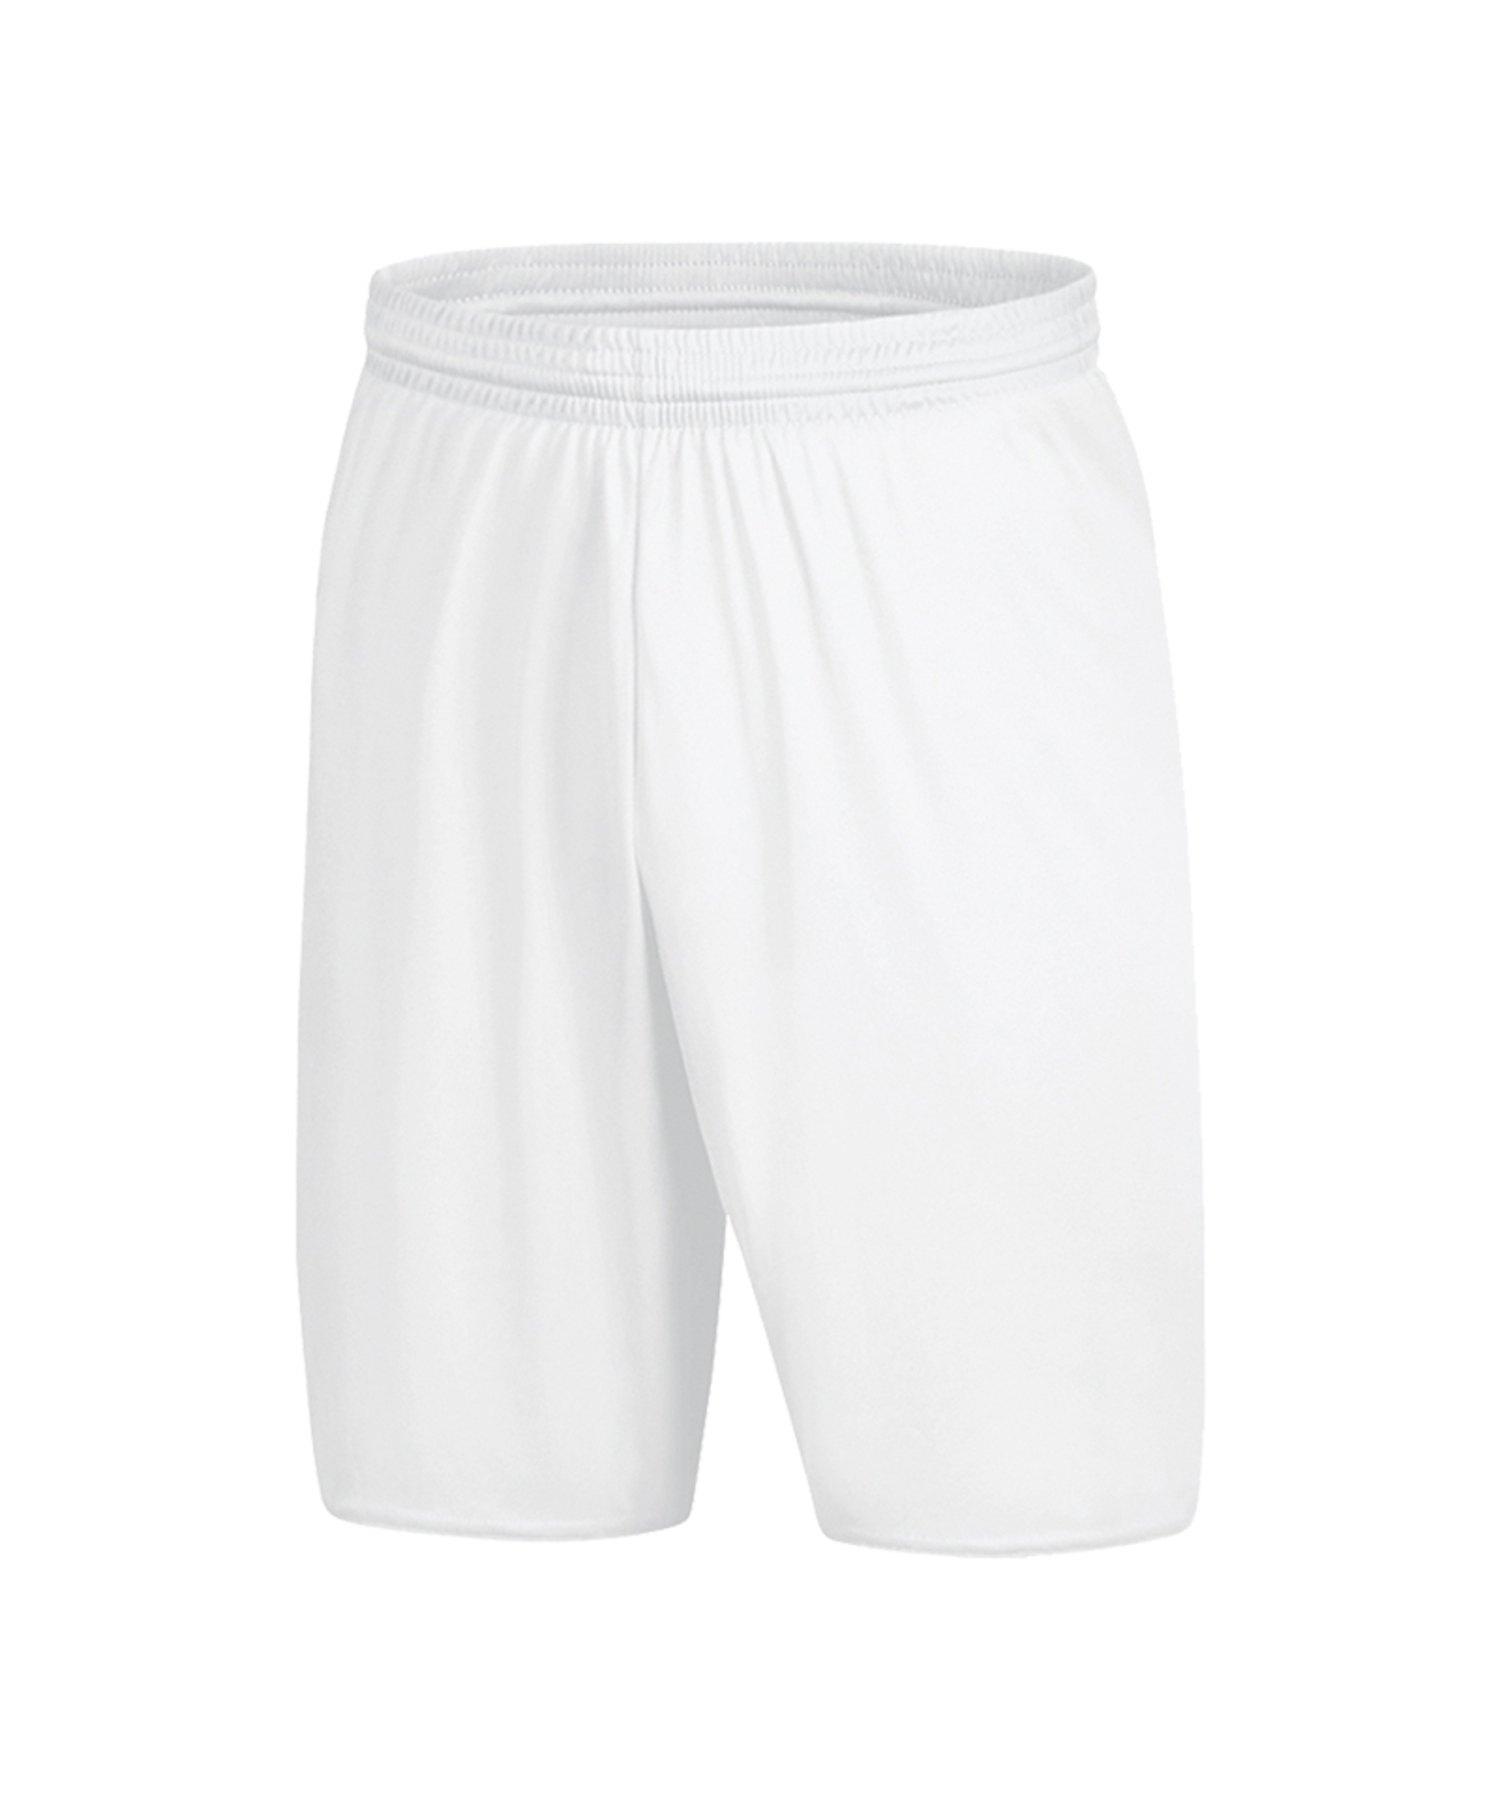 Jako Palermo 2.0 Short Hose kurz Weiss F00 - Weiss